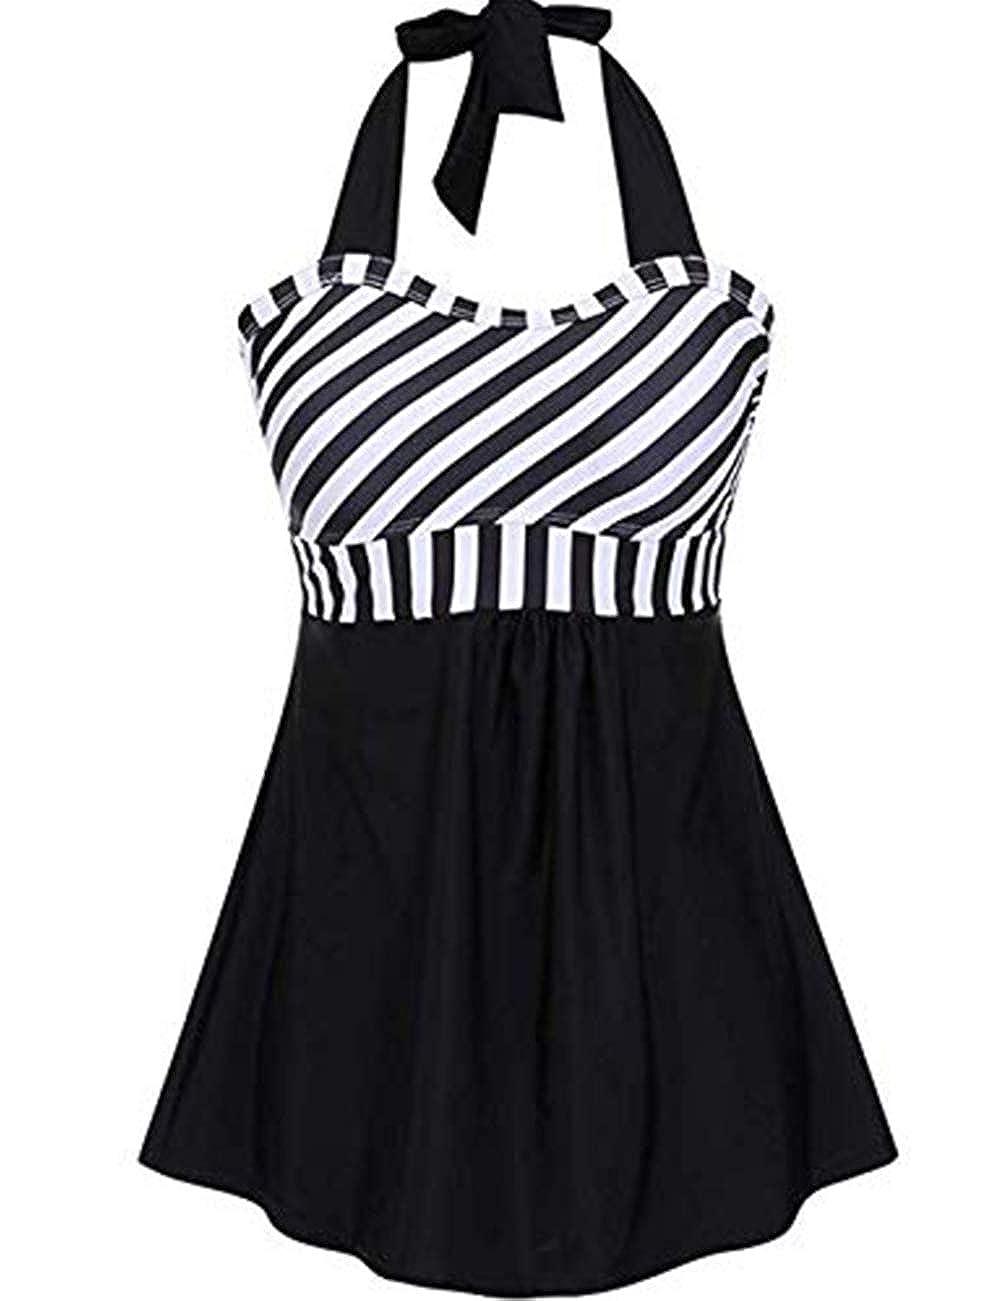 FeelinGirl Damen Neckholder Push Up Badekleid Figurformender Badeanzug mit R/öckchen Bauchweg Einteiliger Badekleid